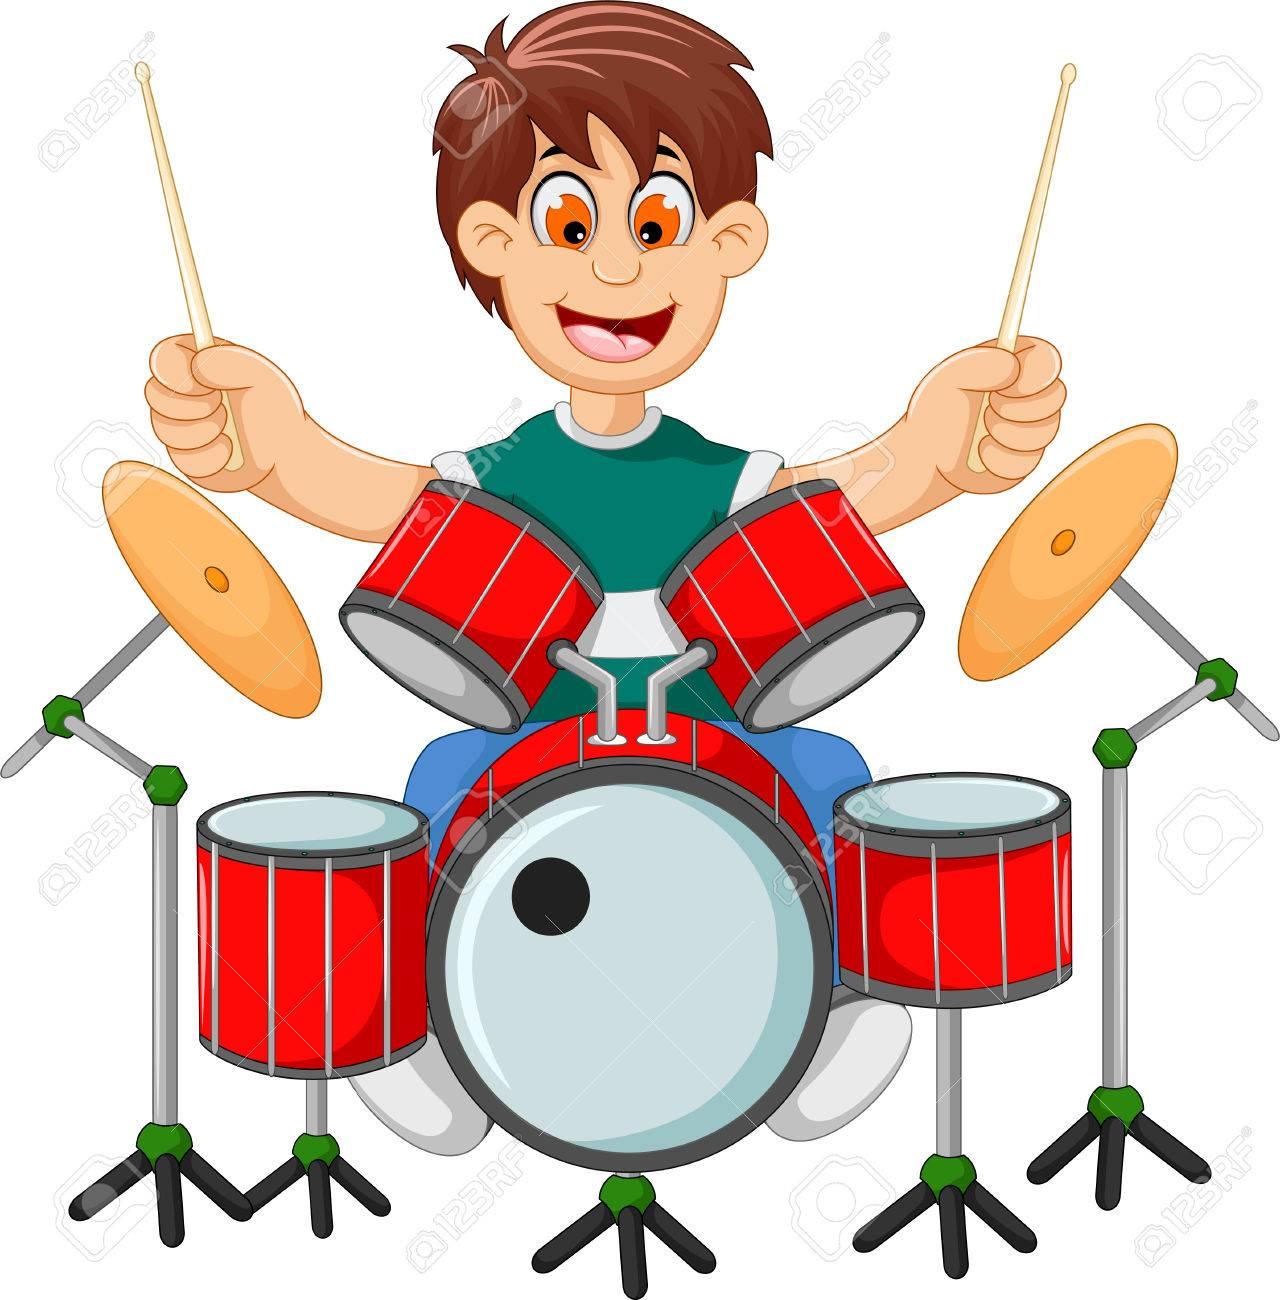 funny boy cartoon playing drum.